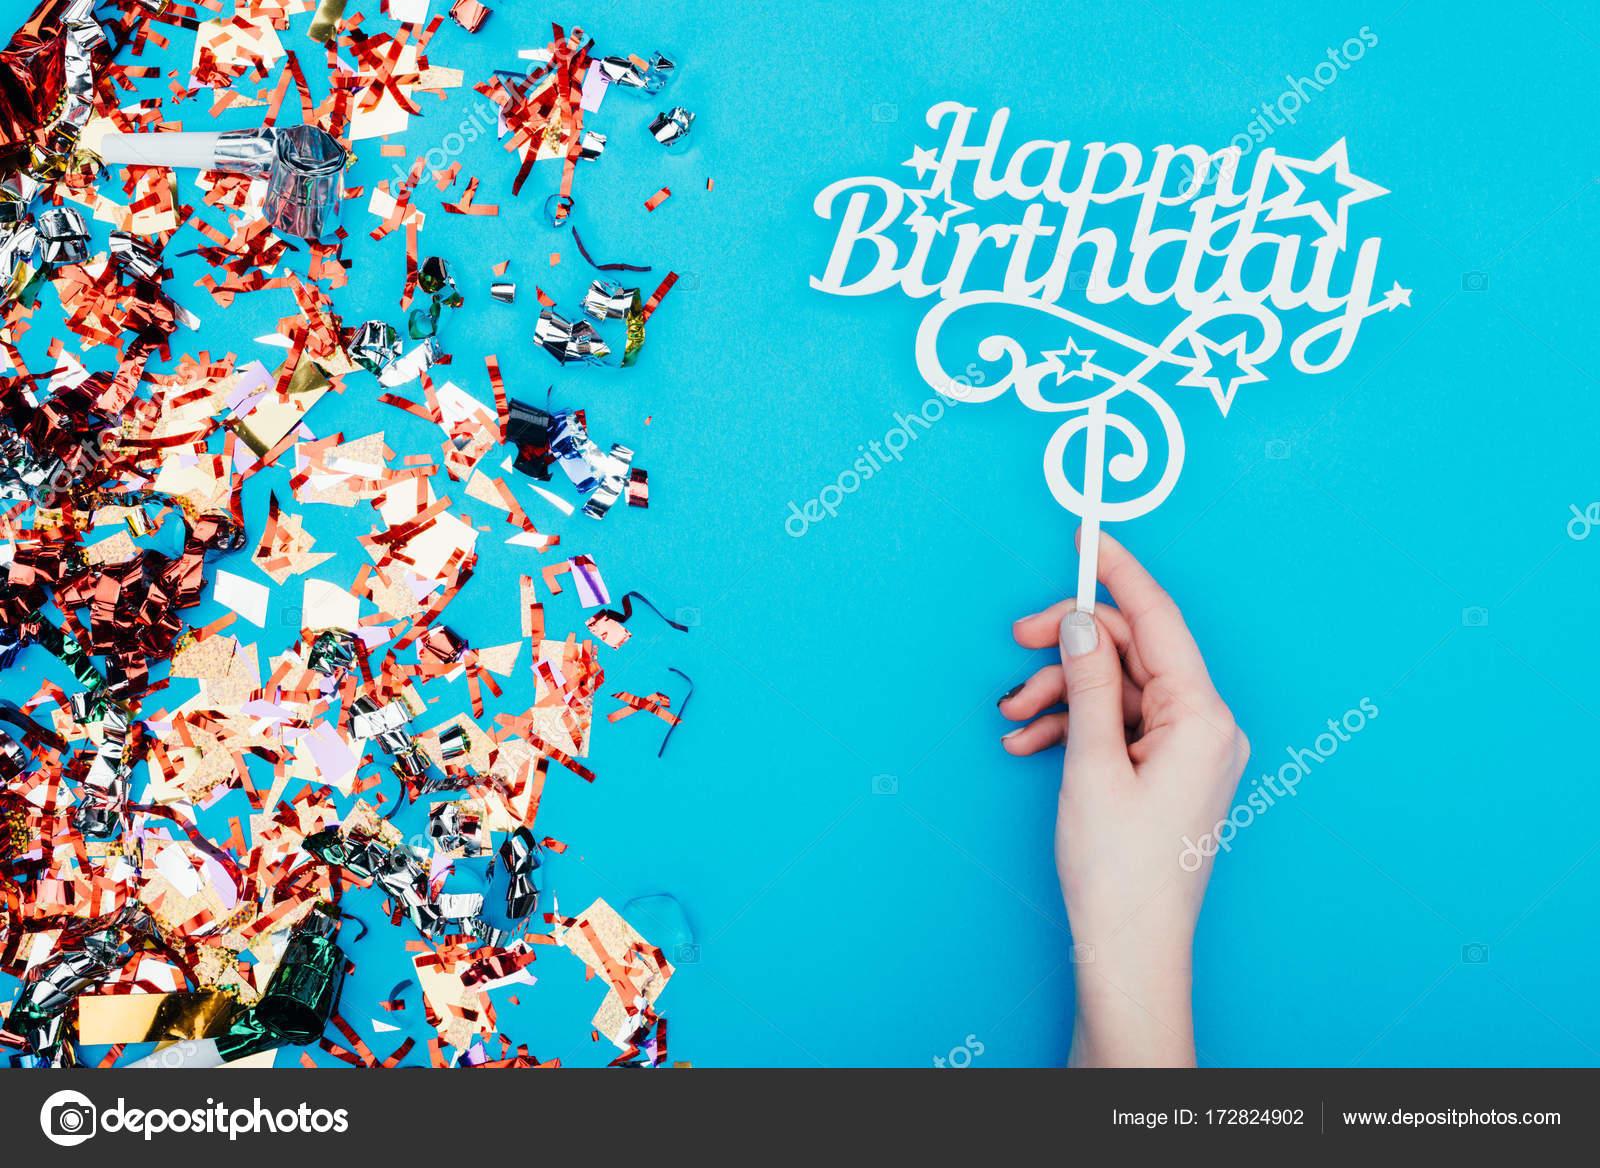 Zeer vrouw bedrijf gelukkige verjaardag teken — Stockfoto &HB93